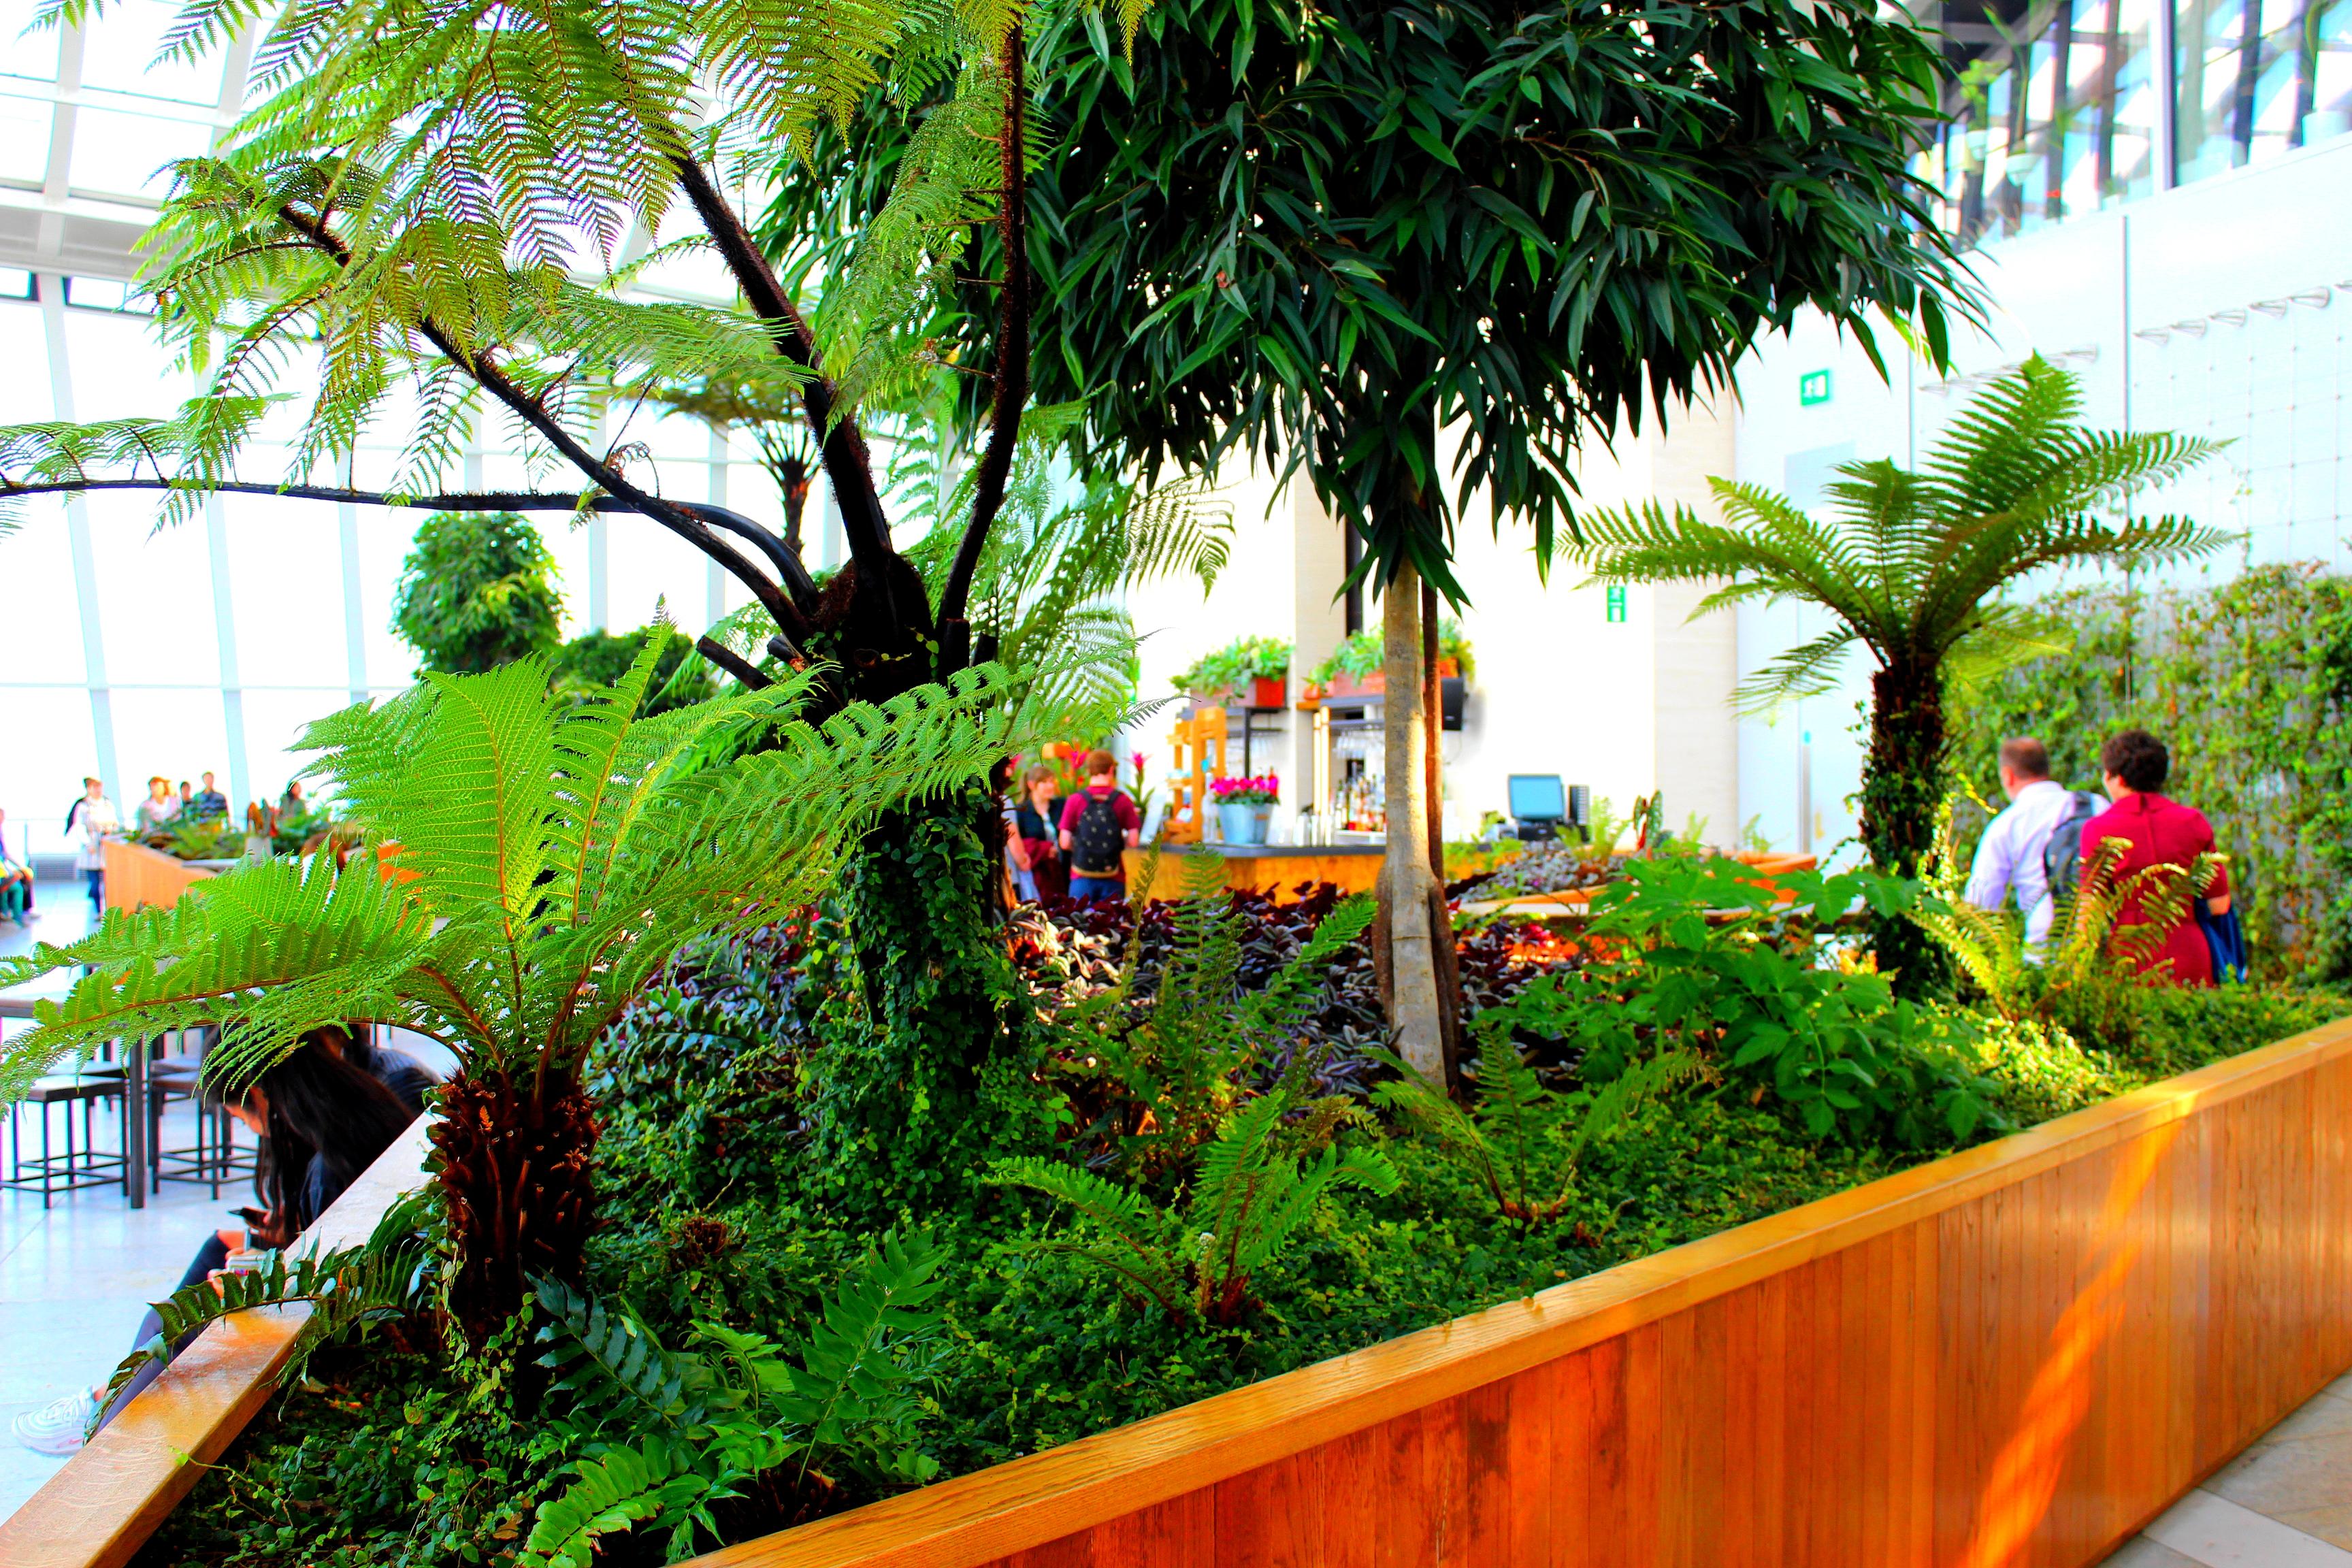 Bar proche des plantes